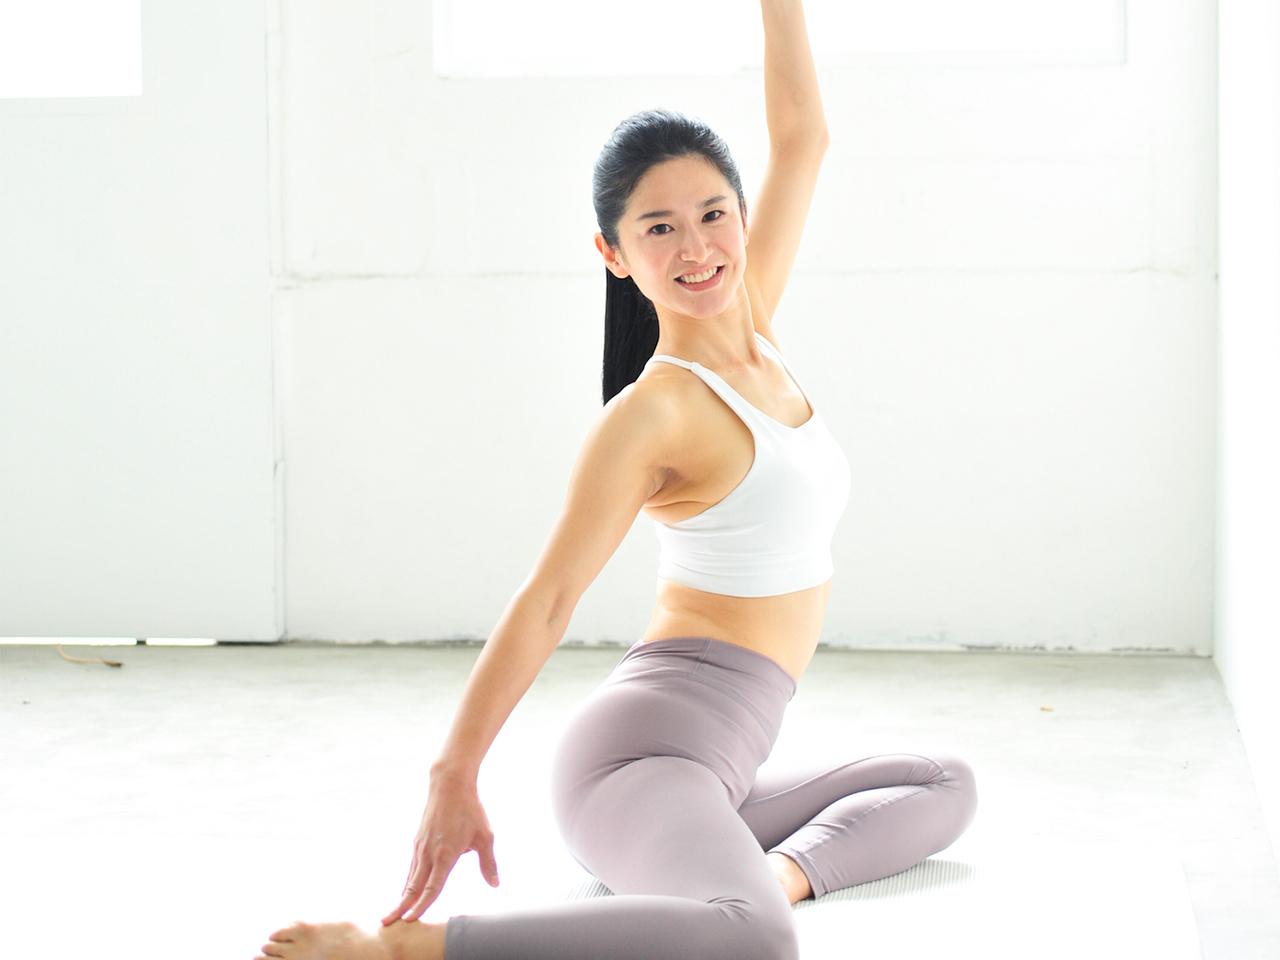 骨盤矯正パーソナルトレーナーで整体師のNaokoさんプロフィール写真